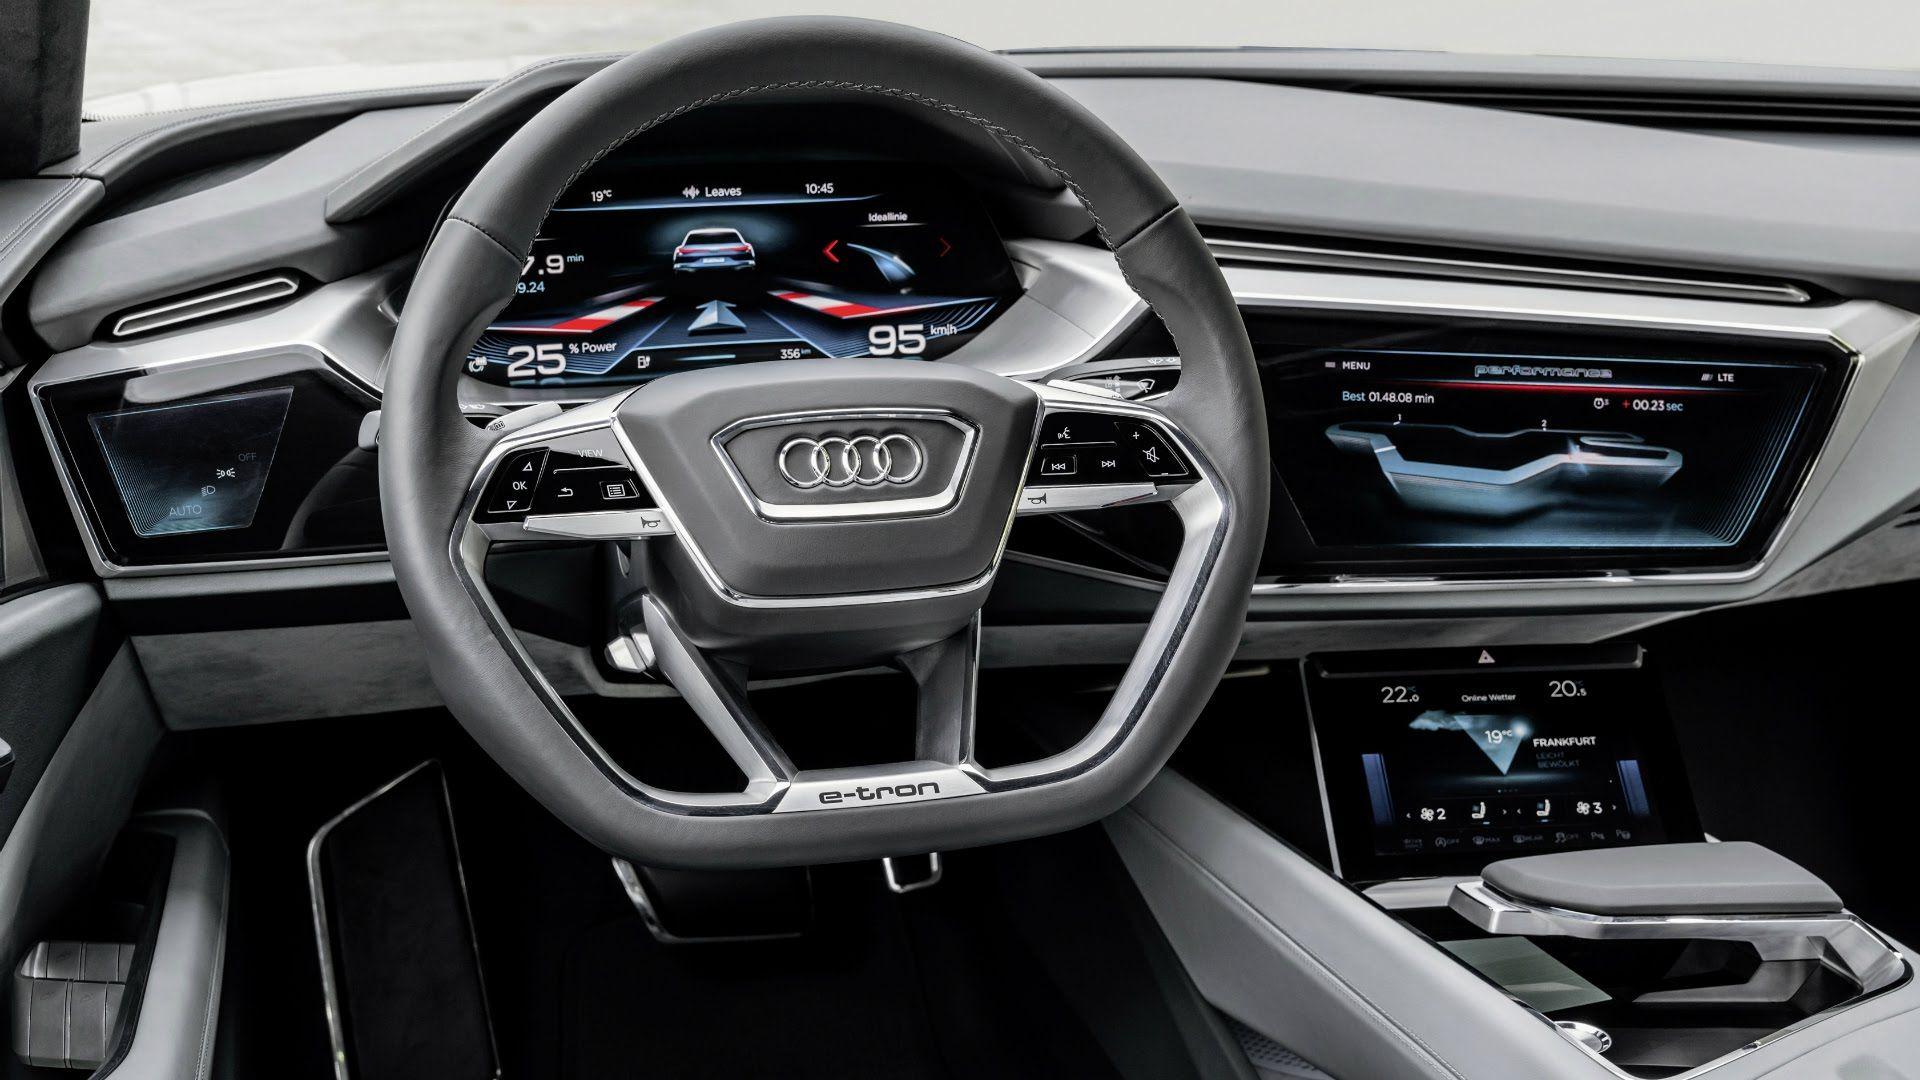 Audi E Tron Quattro Concept Interior Audi E Tron Audi Cars Audi Interior